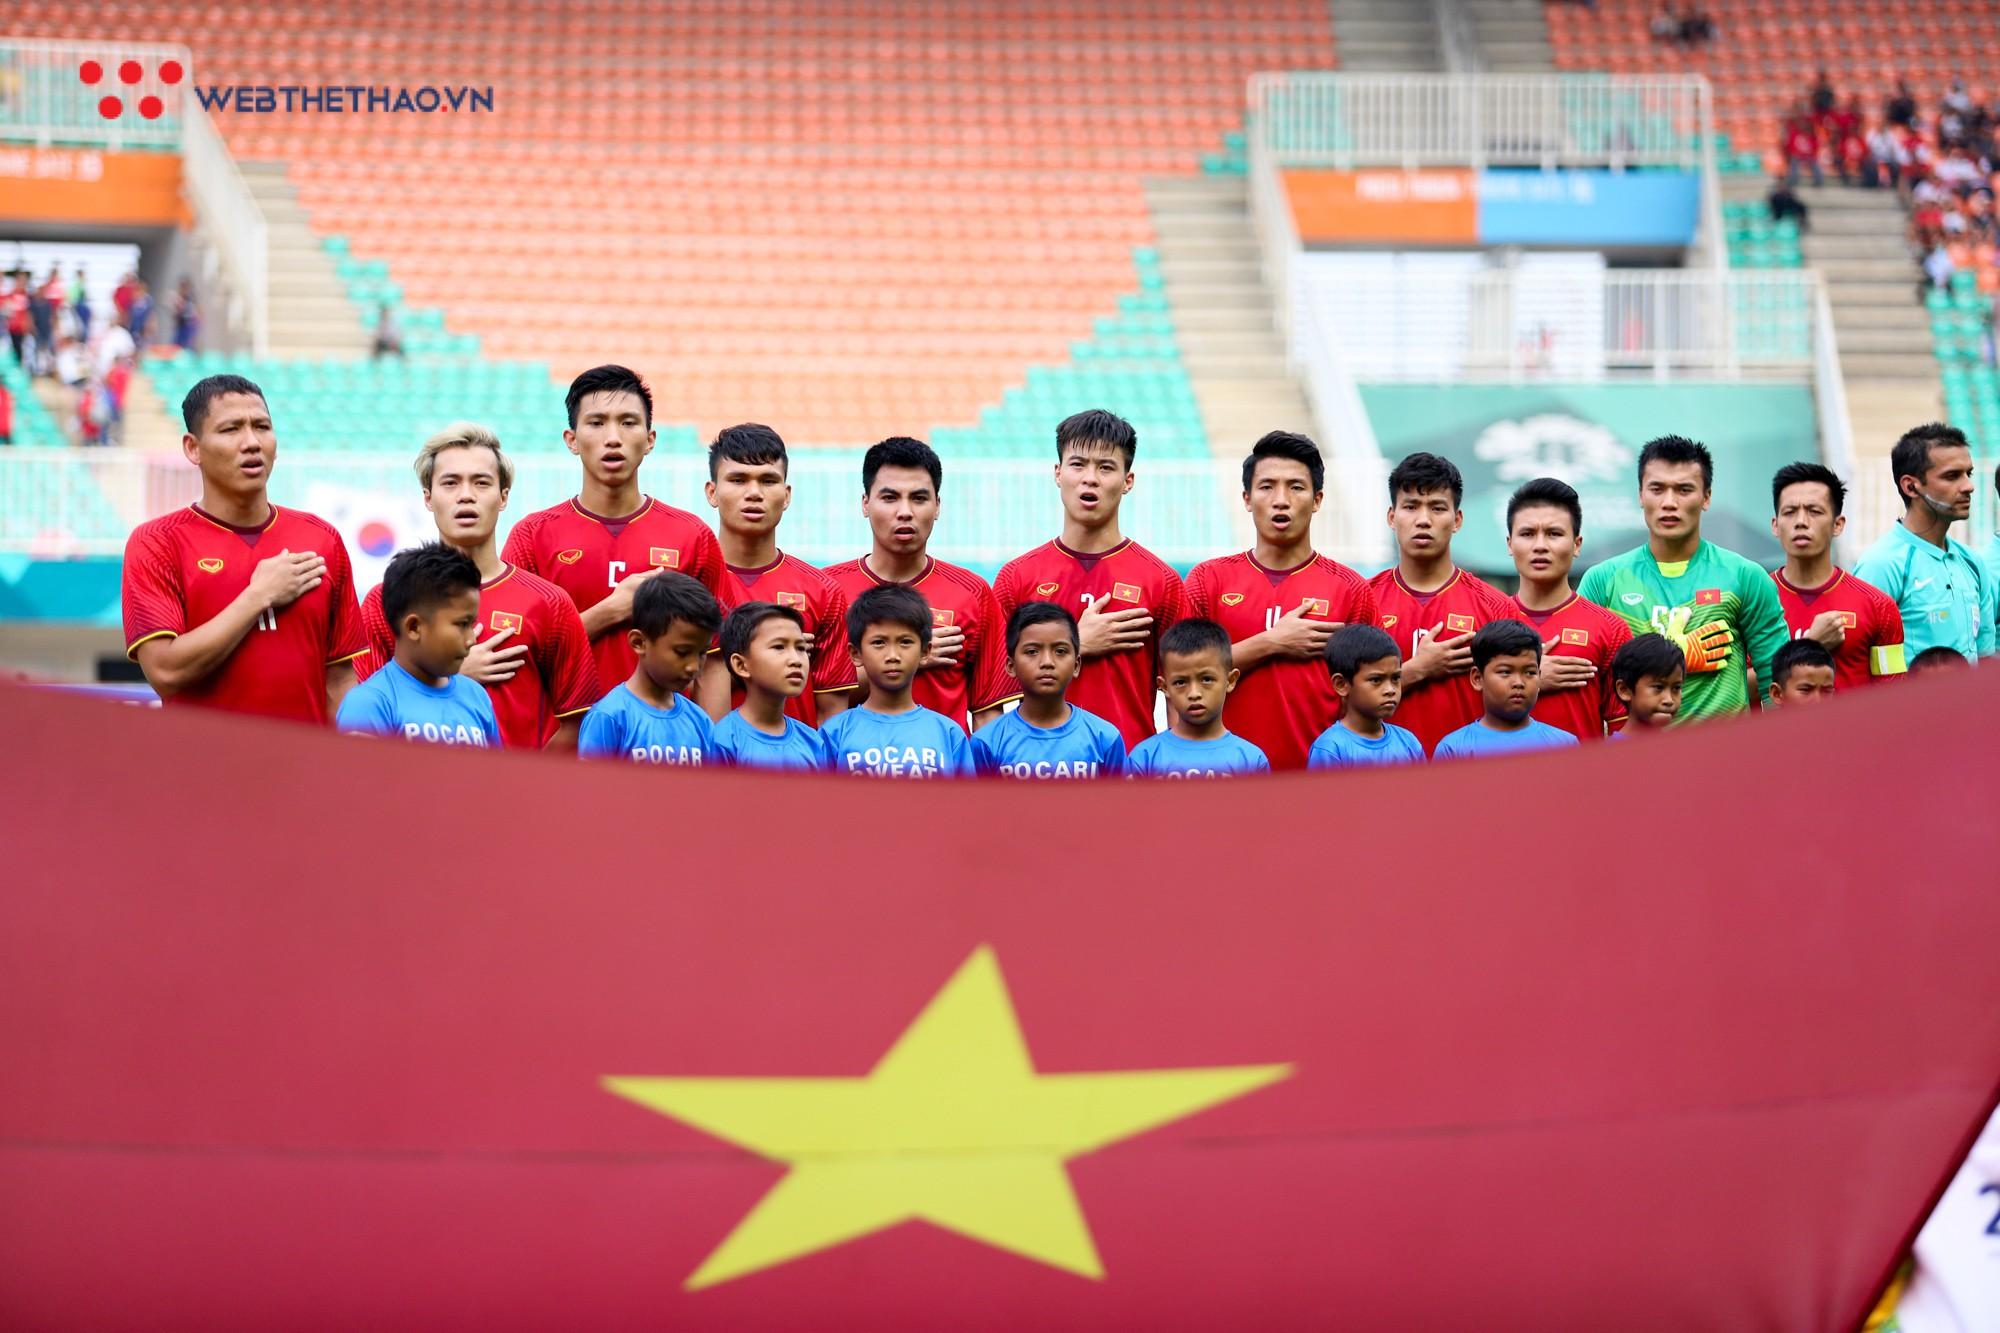 Cầu thủ U23 và Olympic Việt Nam sẽ dự lễ đón Cúp Ngoại hạng Anh đến Việt Nam - Ảnh 1.